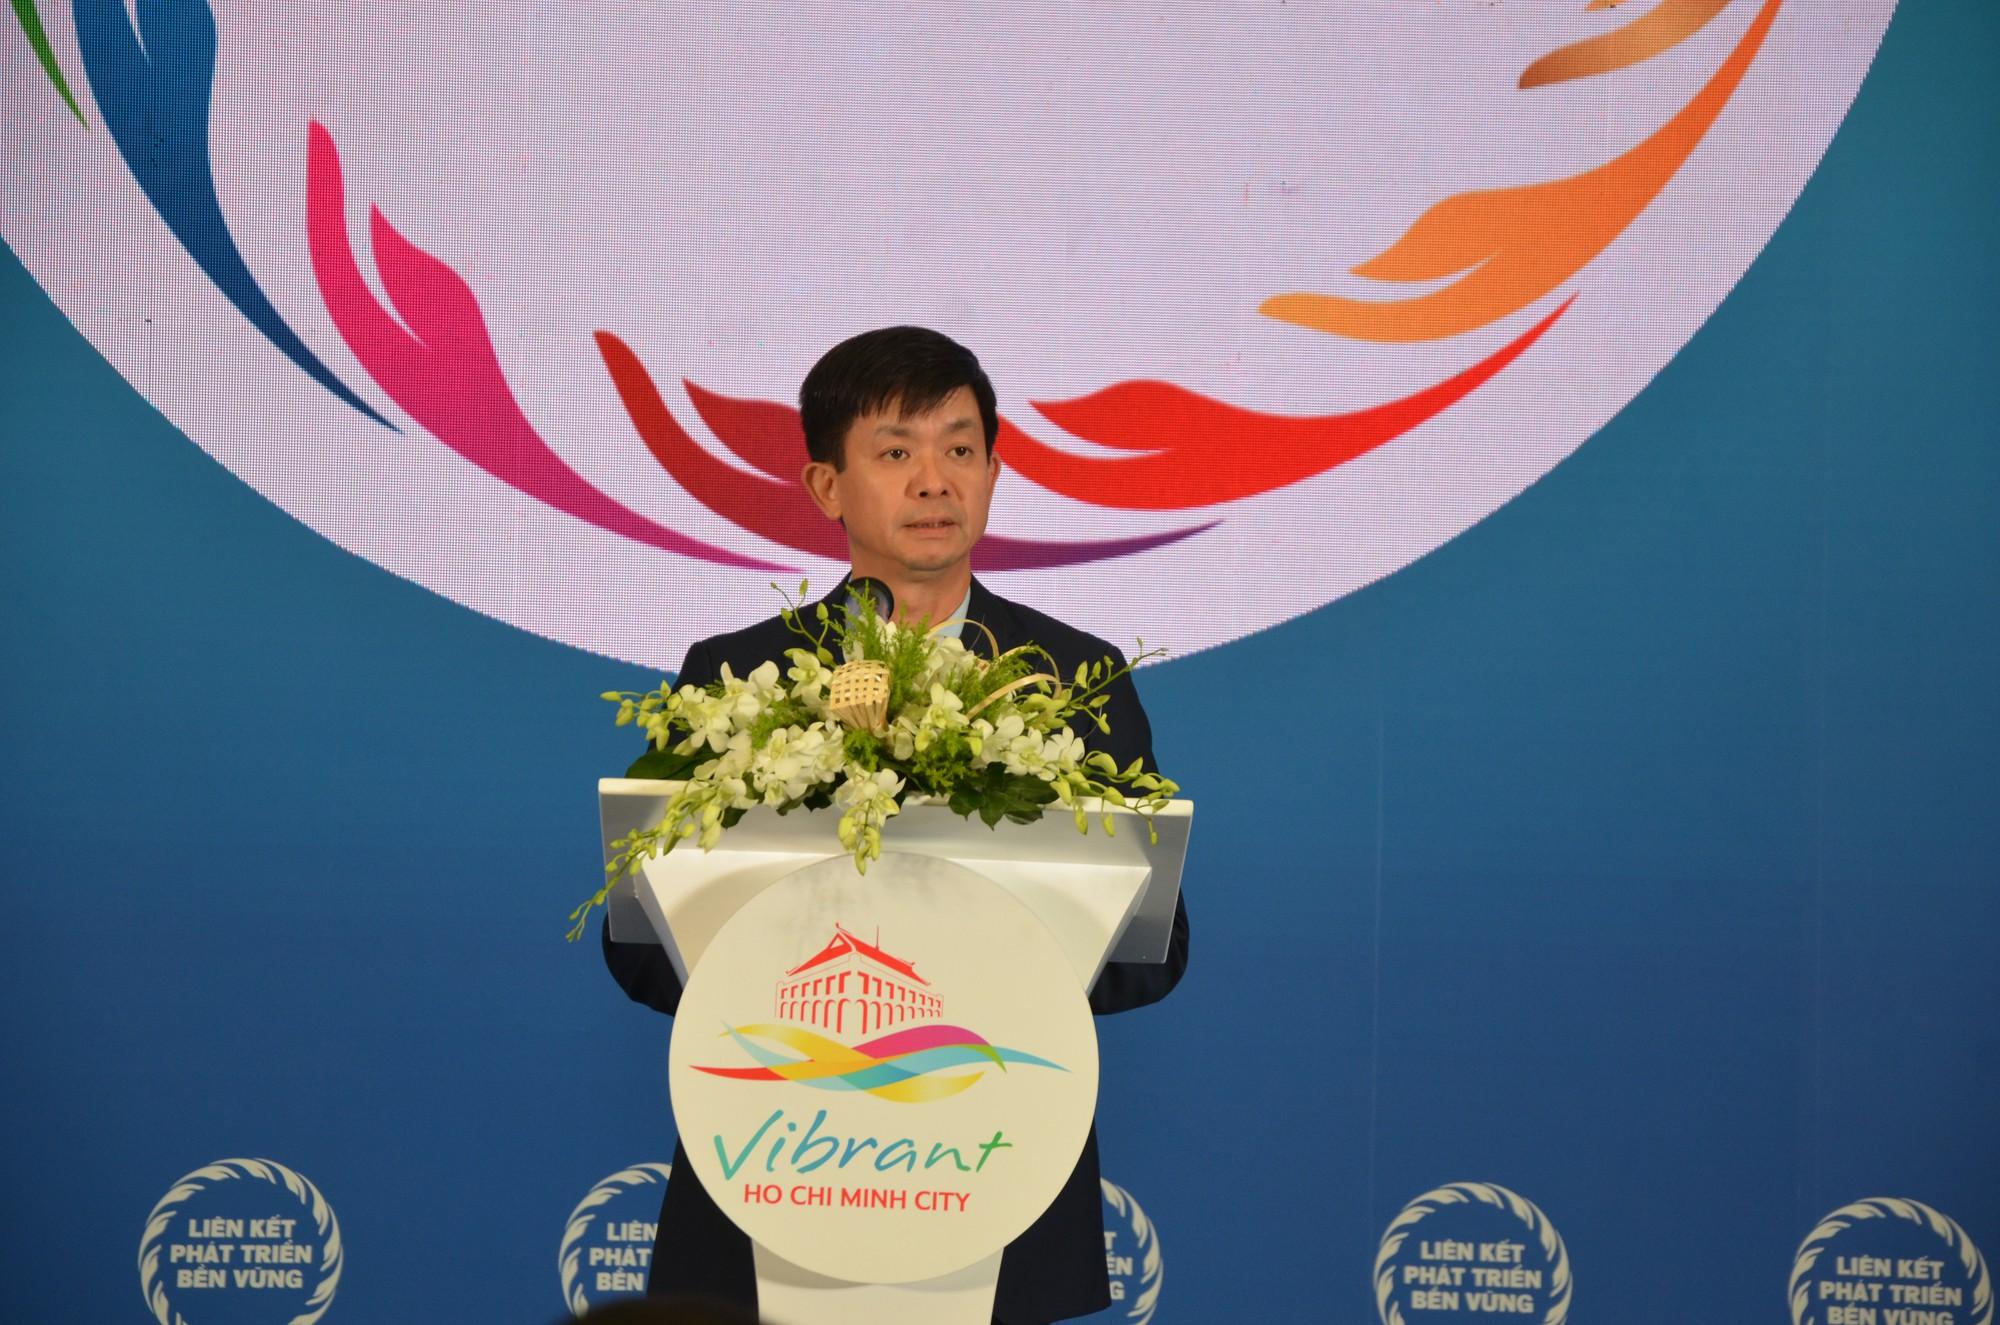 Hội nghị hợp tác du lịch Việt - Nga năm 2019 tại Thành phố Hồ Chí Minh - Ảnh 1.